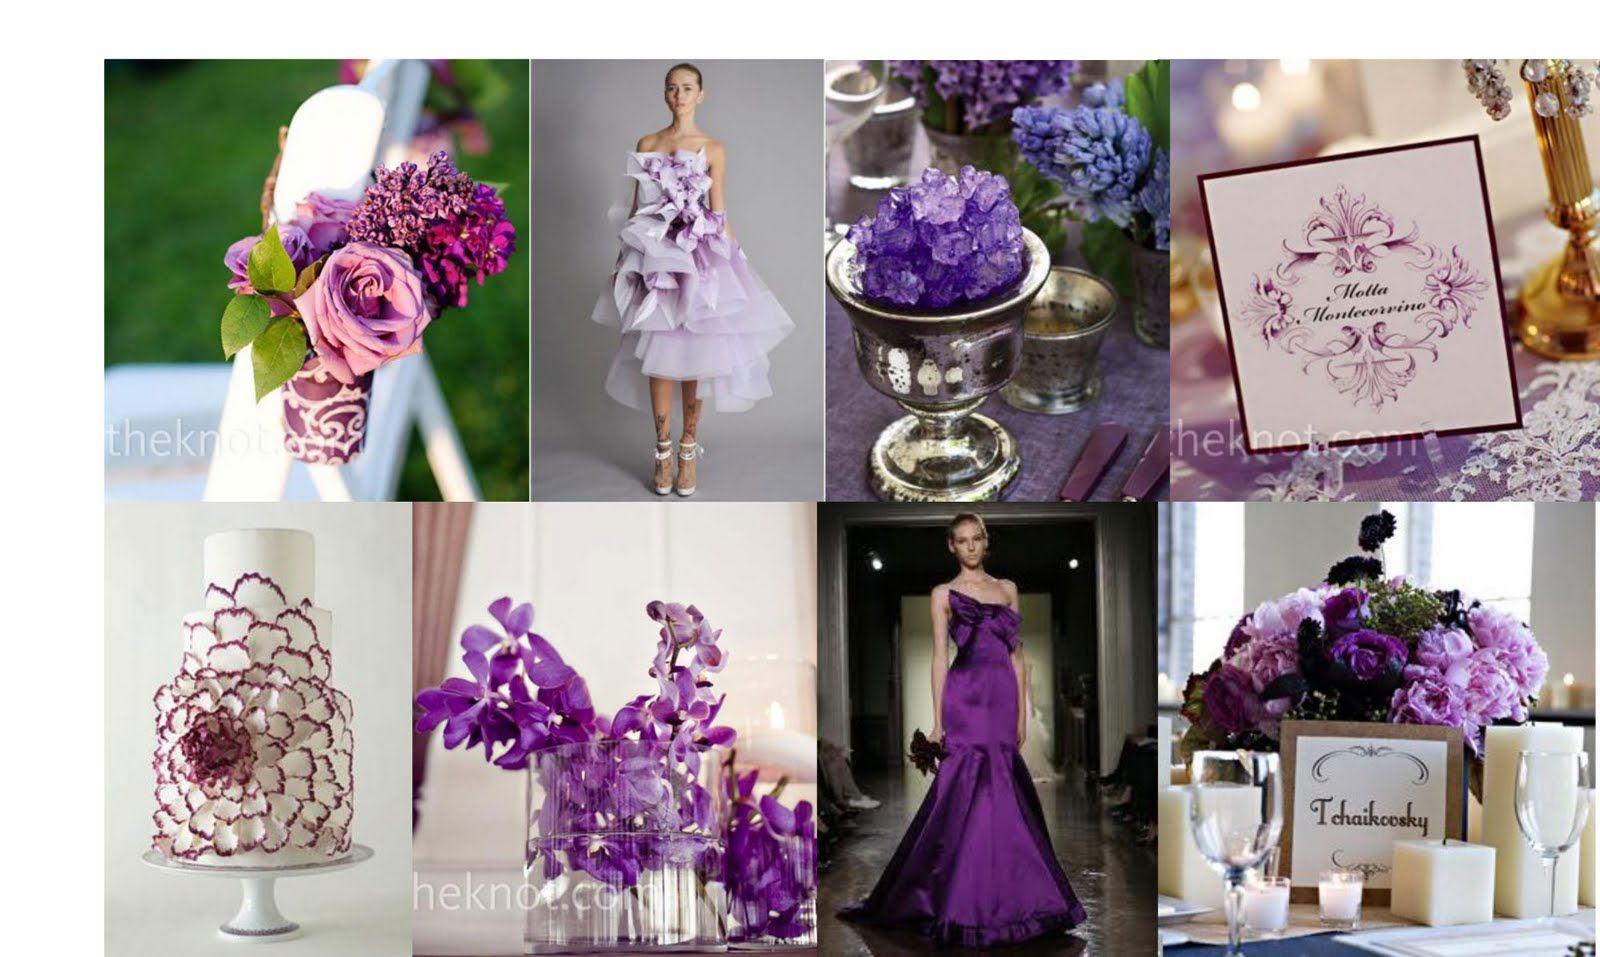 Purple and blue wedding decor  POUR LE CHOUCHOU SUMMER WEDDING COLORS  wedding decor